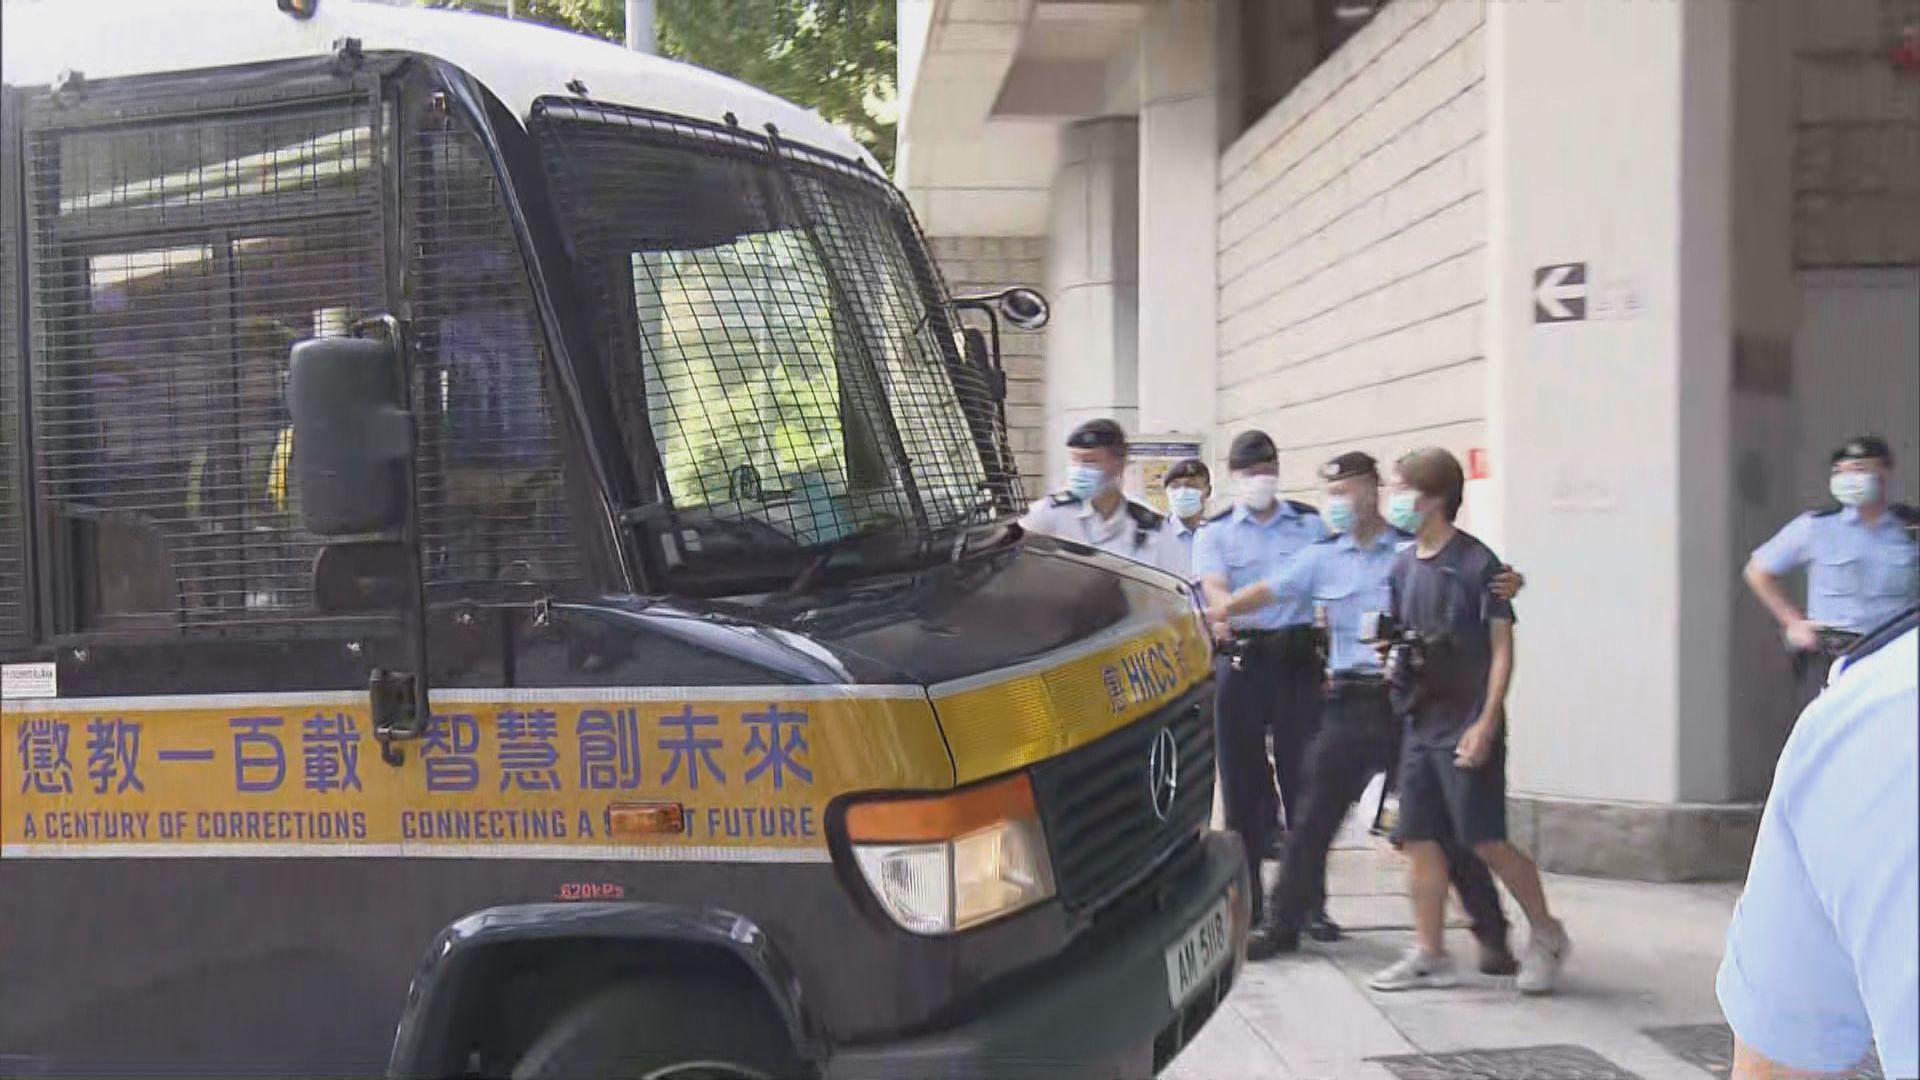 首宗港區國安法案件 官指被告棄保潛逃及重犯機會高拒保釋